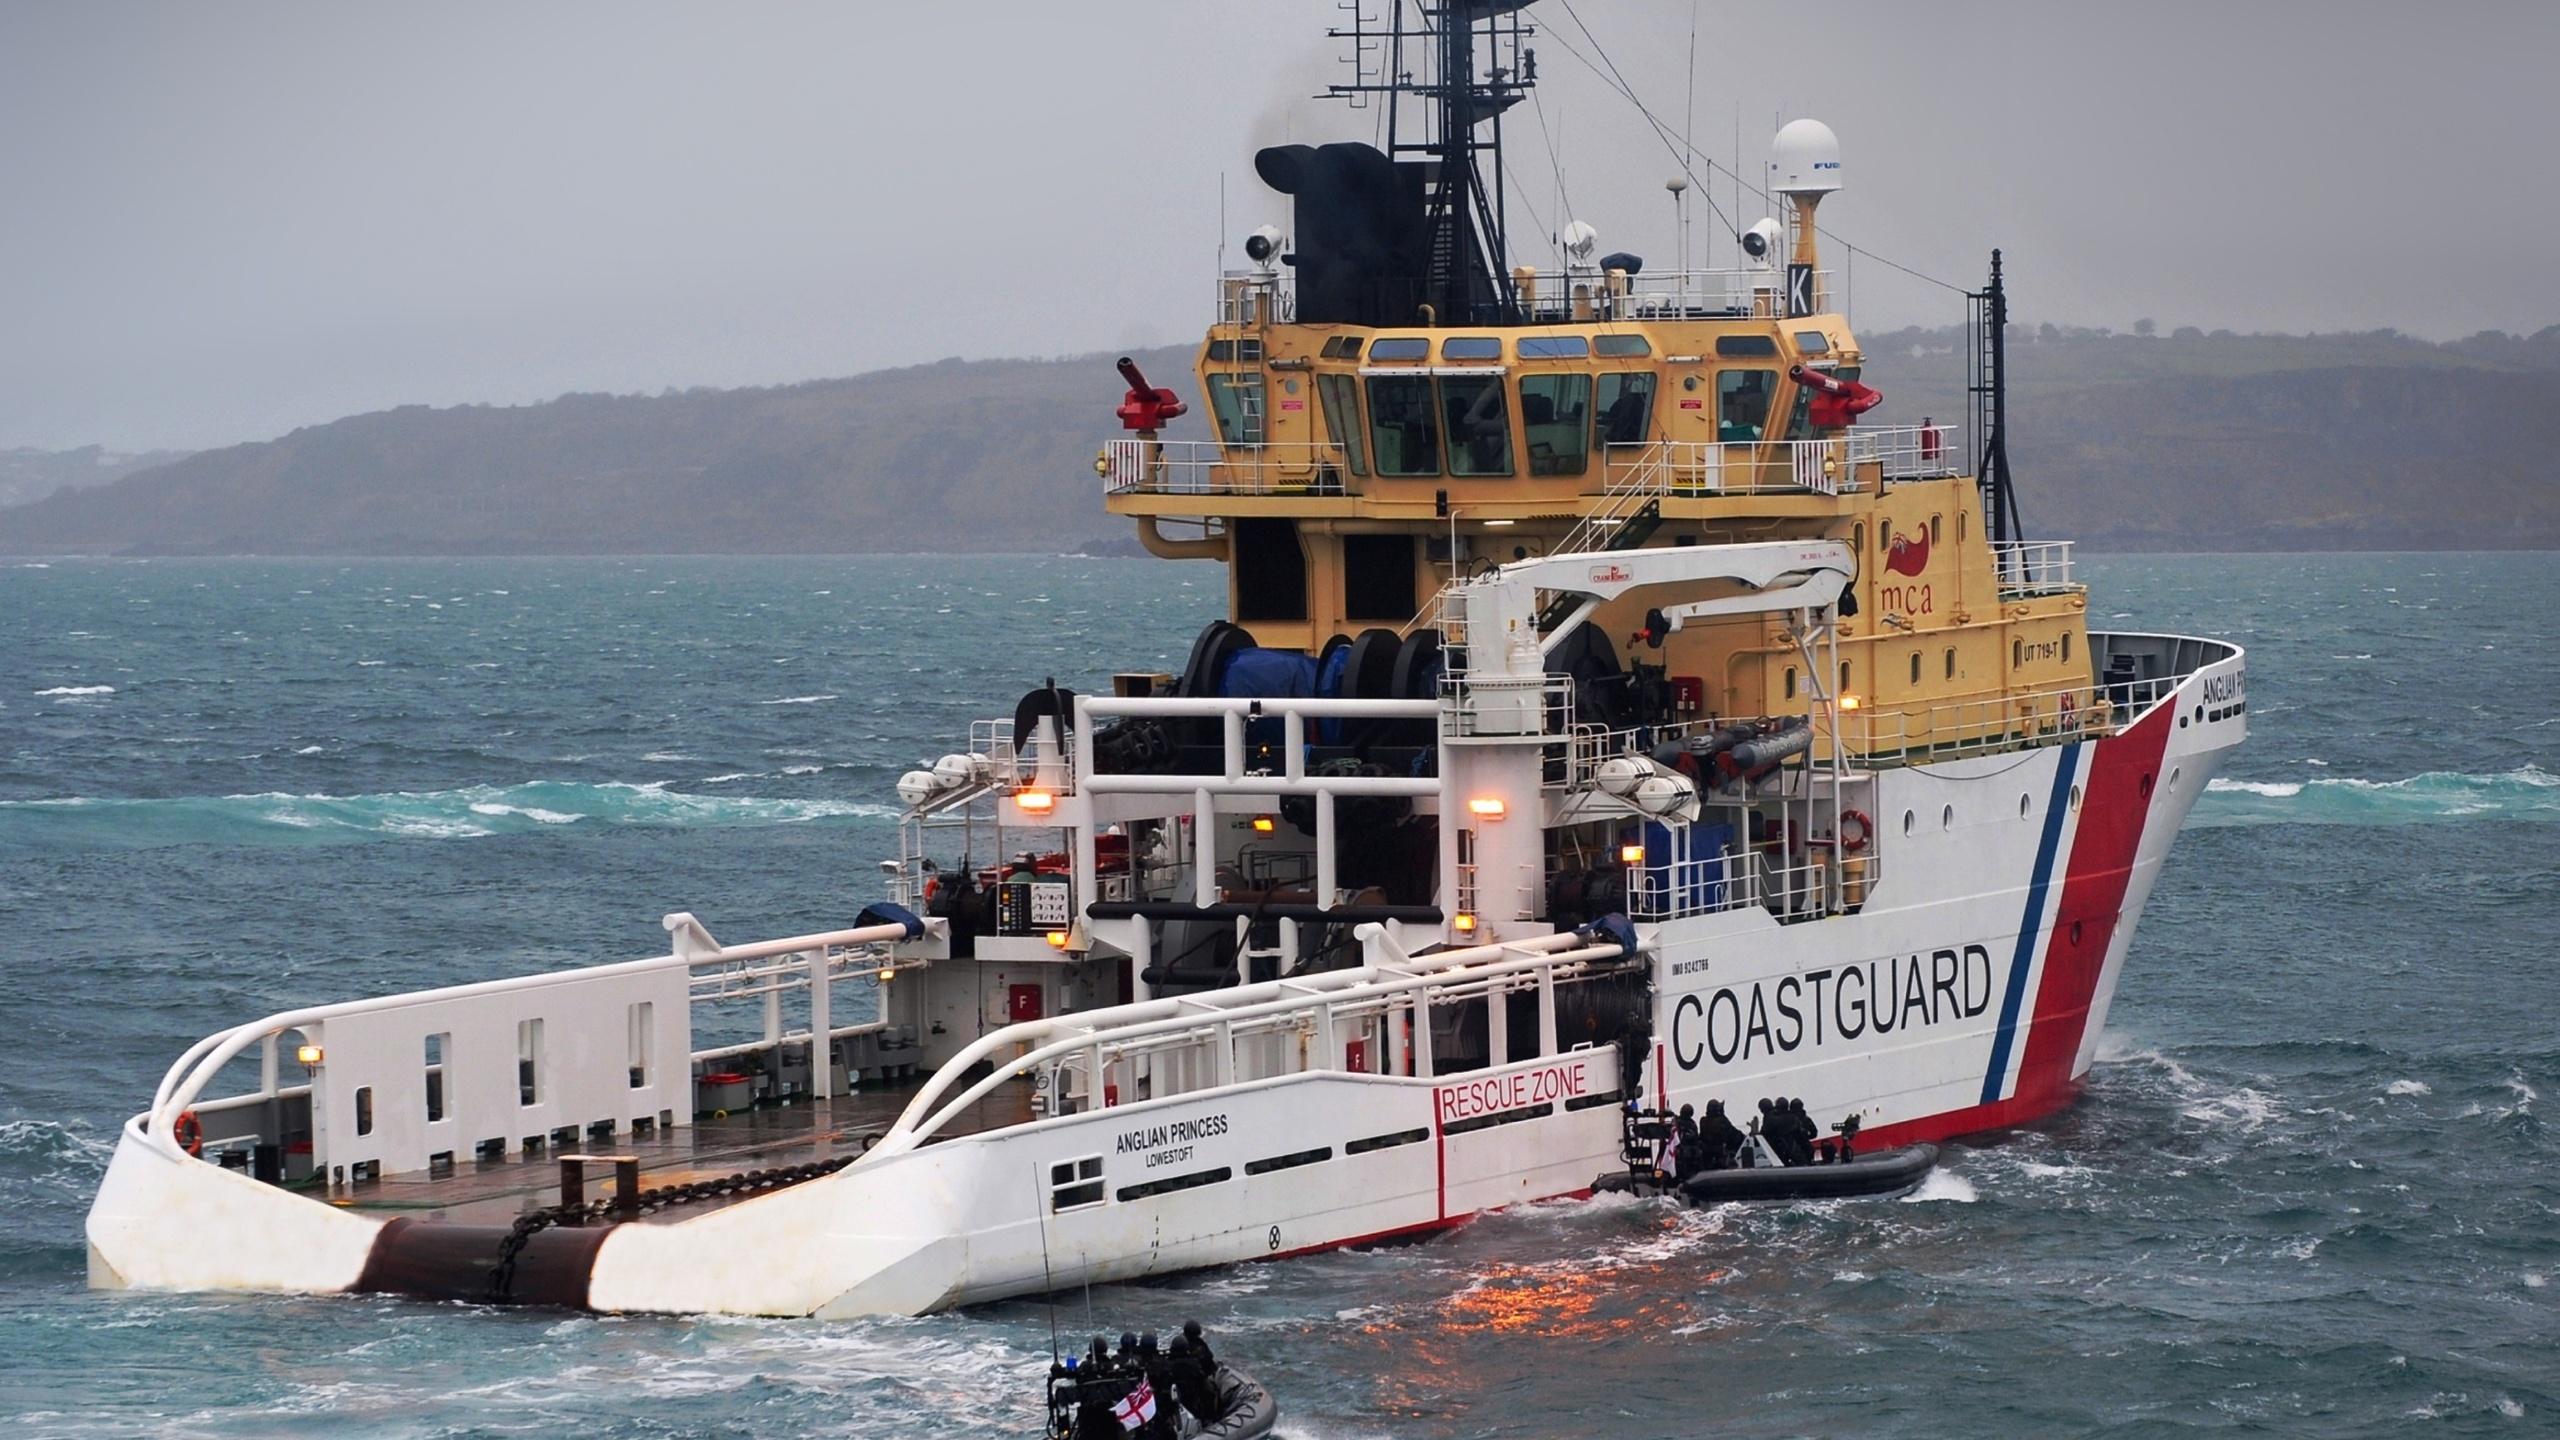 восхождение футбольным береговая охрана корабль картинки этапом мере